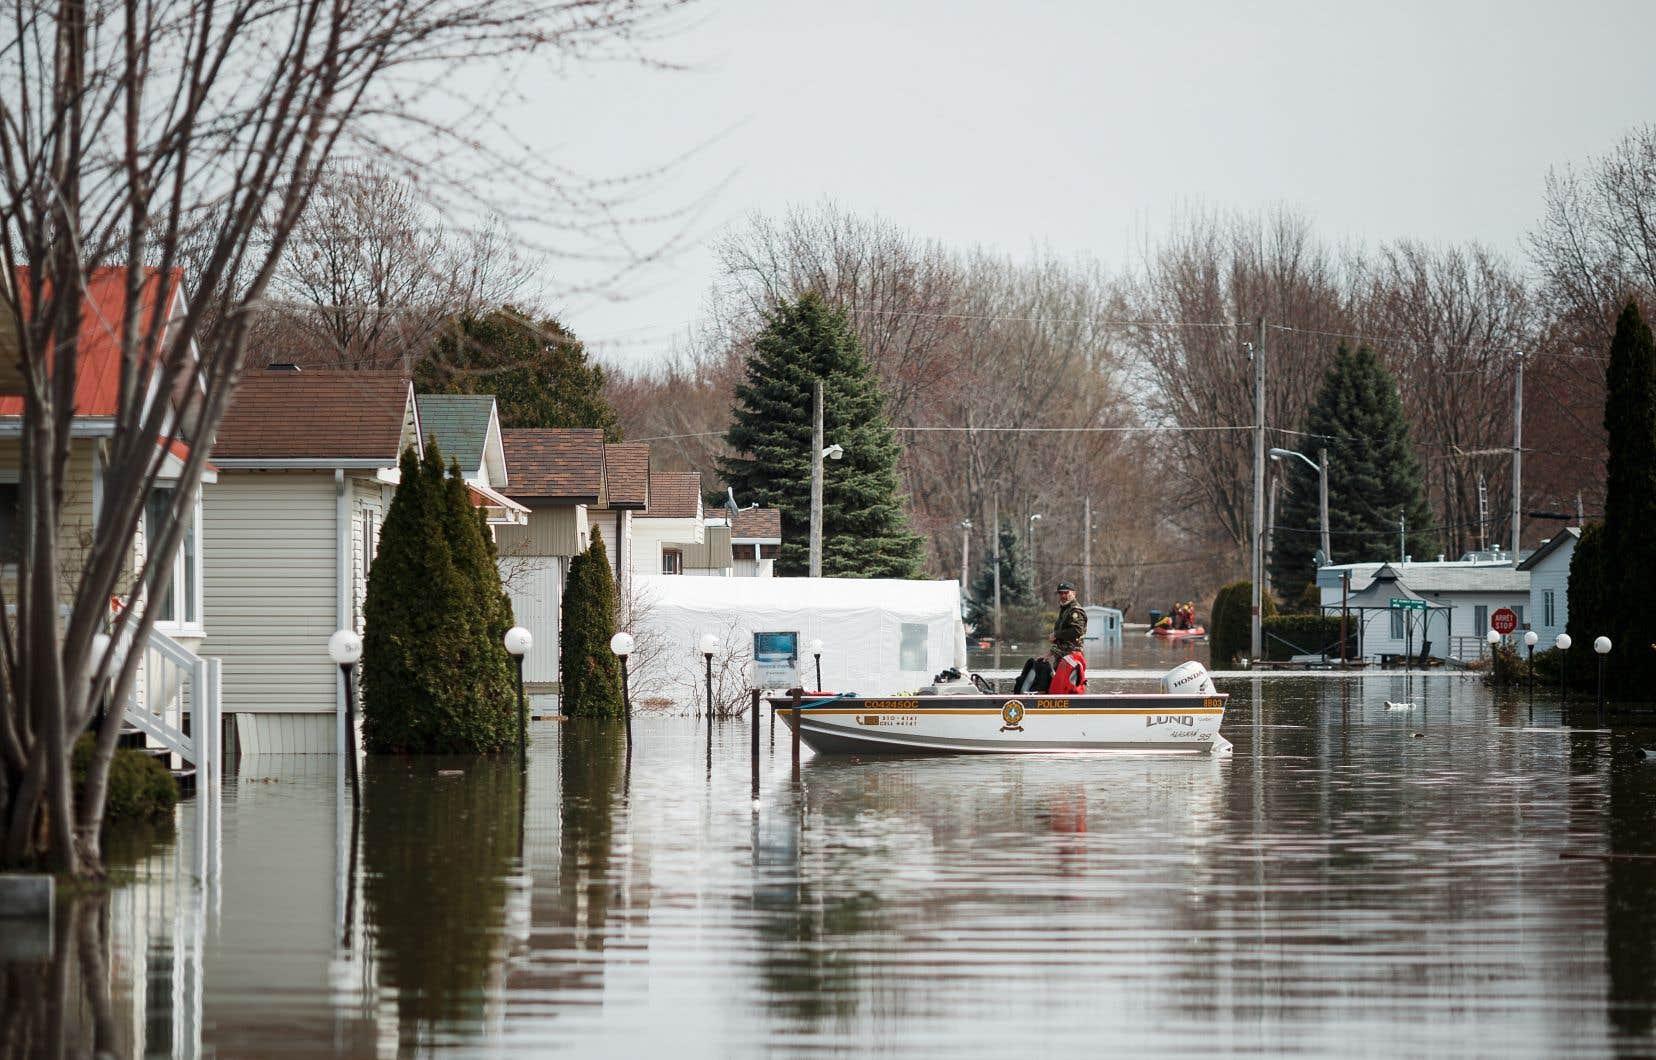 Quand la digue à Sainte-Marthe-sur-le-Lac a cédé, l'eau a rapidement envahi les rues, noyant les sous-sols des habitations et en chassant leurs occupants.